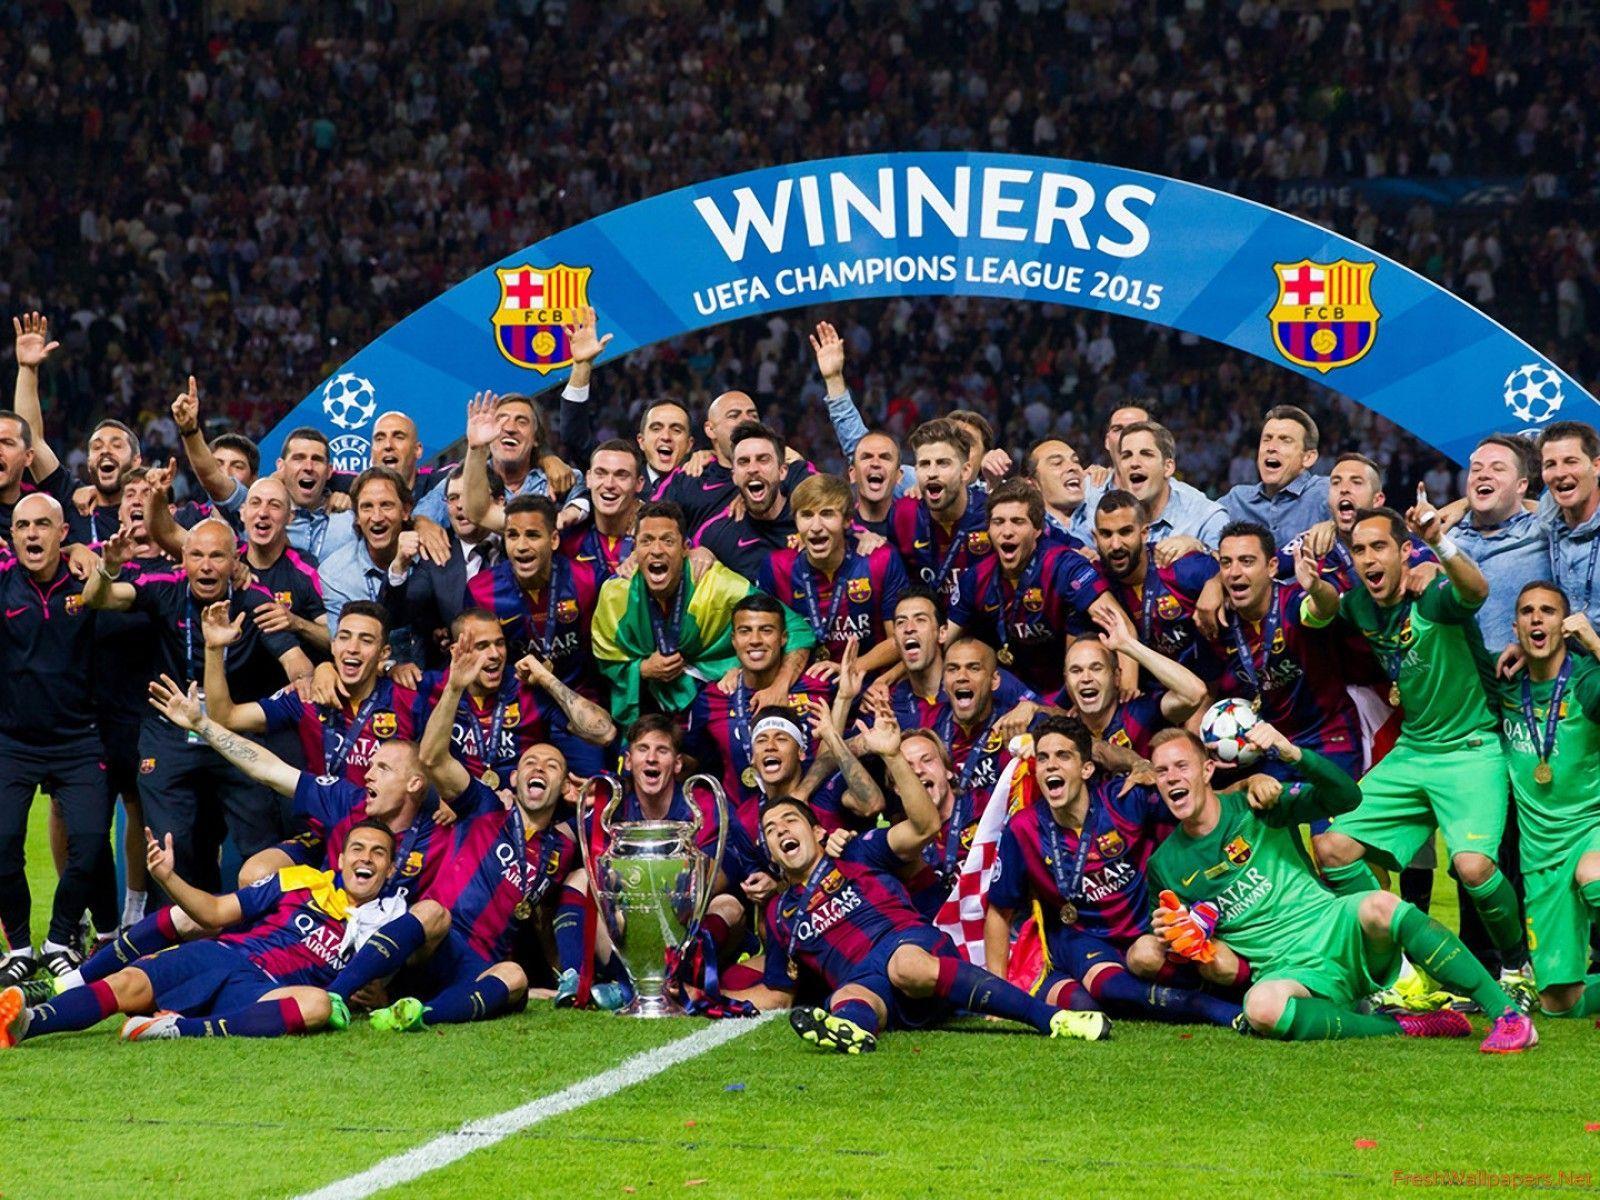 Una pregunta para los sabidos en Champions, ¿Qué equipos han ganado este trofeo?